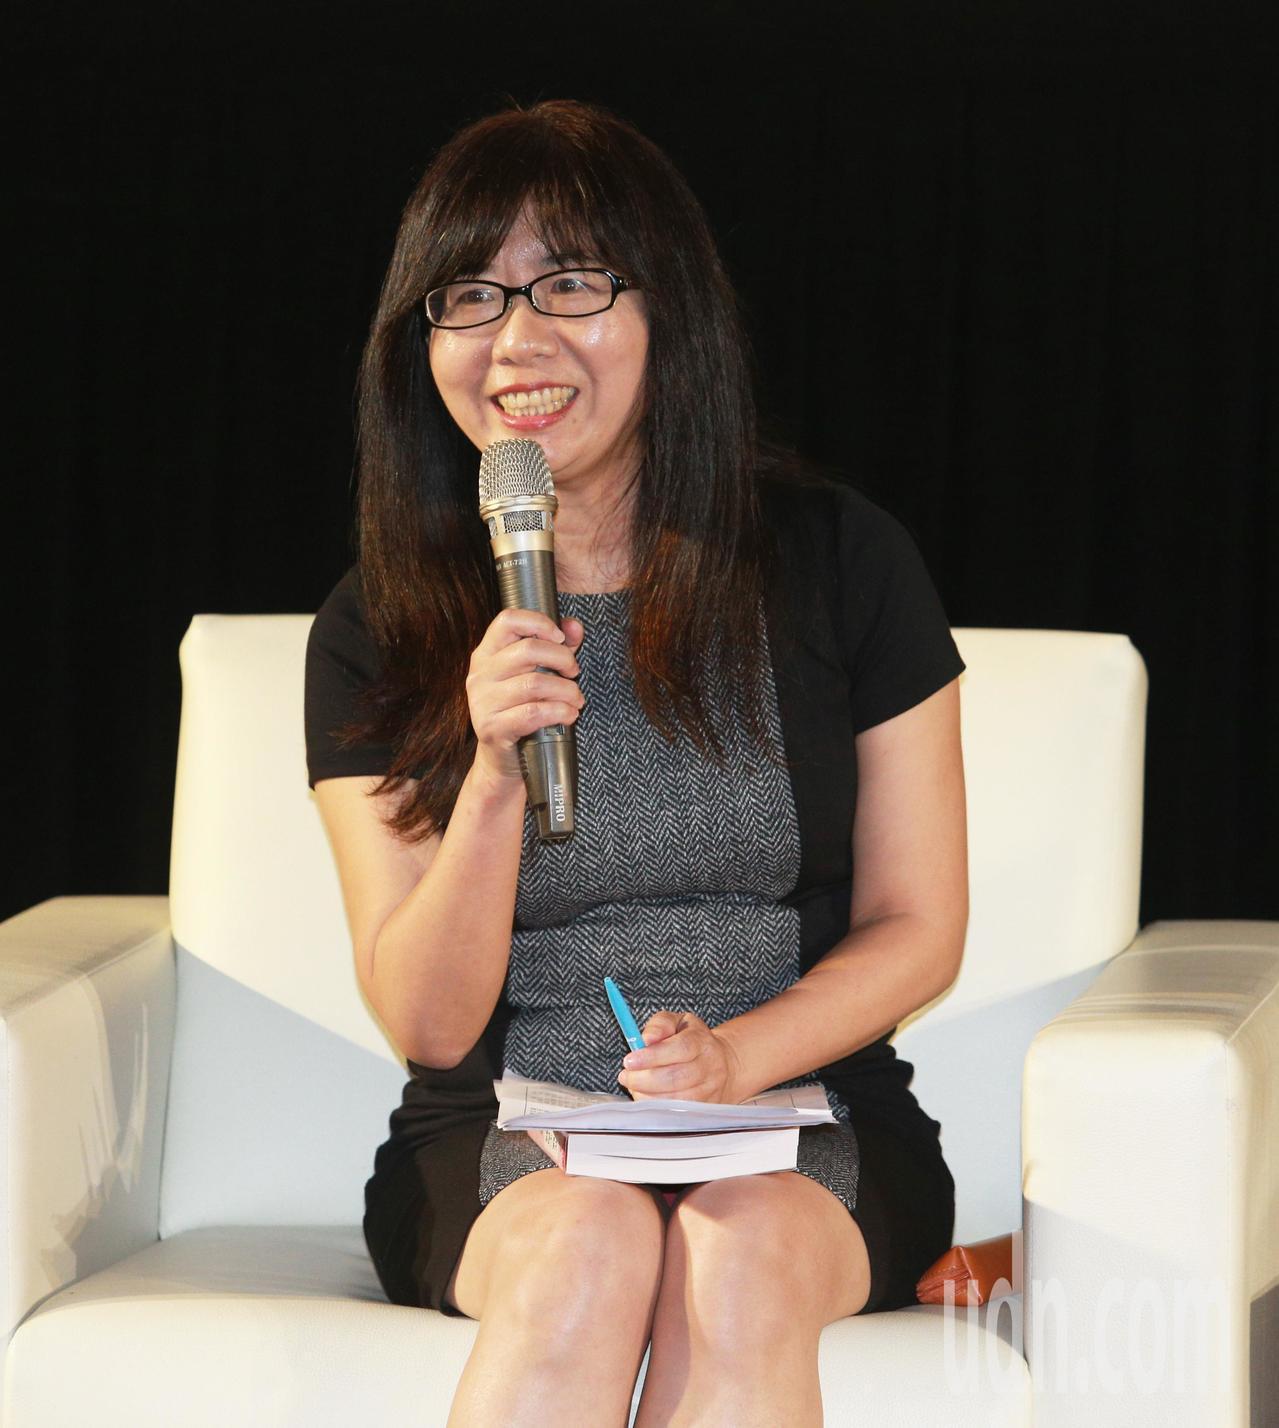 高雄市長陳菊新書「花媽心內話」作者林倖妃。記者劉學聖/攝影